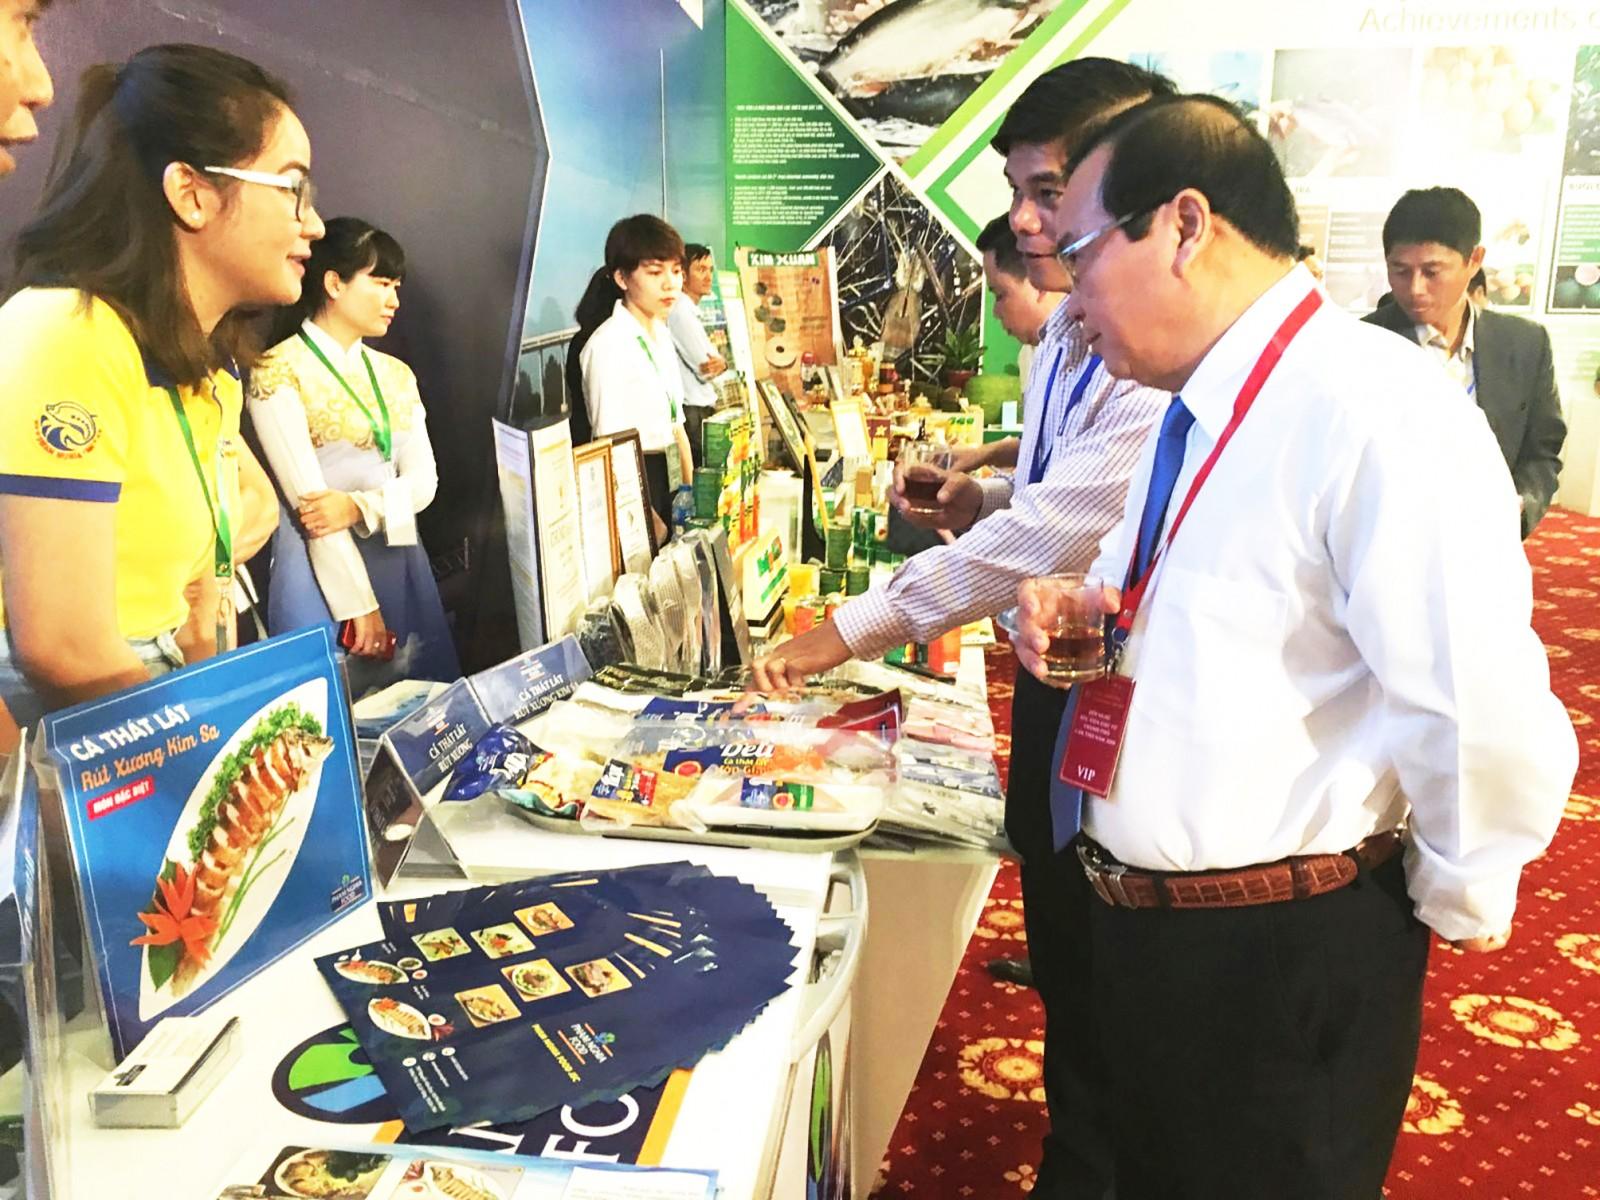 Công ty Cổ phần Thực phẩm Phạm Nghĩa giới thiệu sản phẩm tại triển lãm ở TP Cần Thơ.